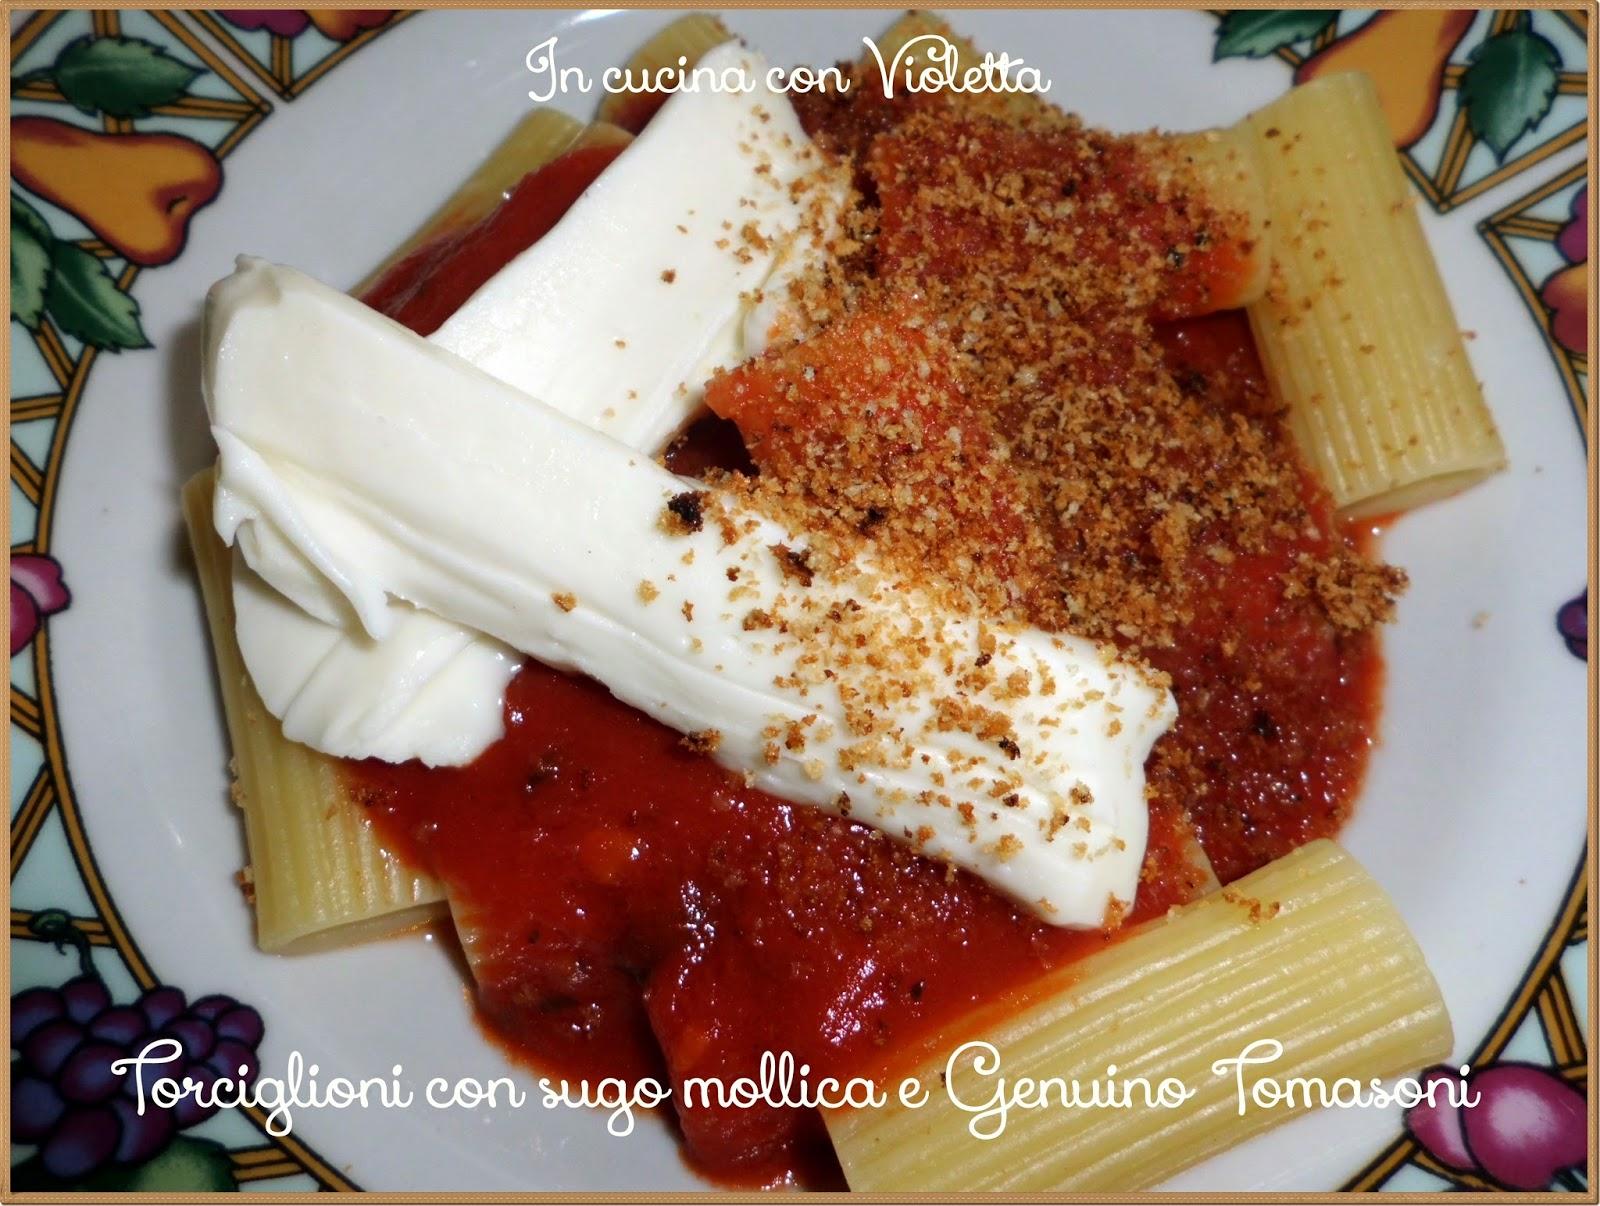 torciglioni con sugo mollica e genuino tomasoni